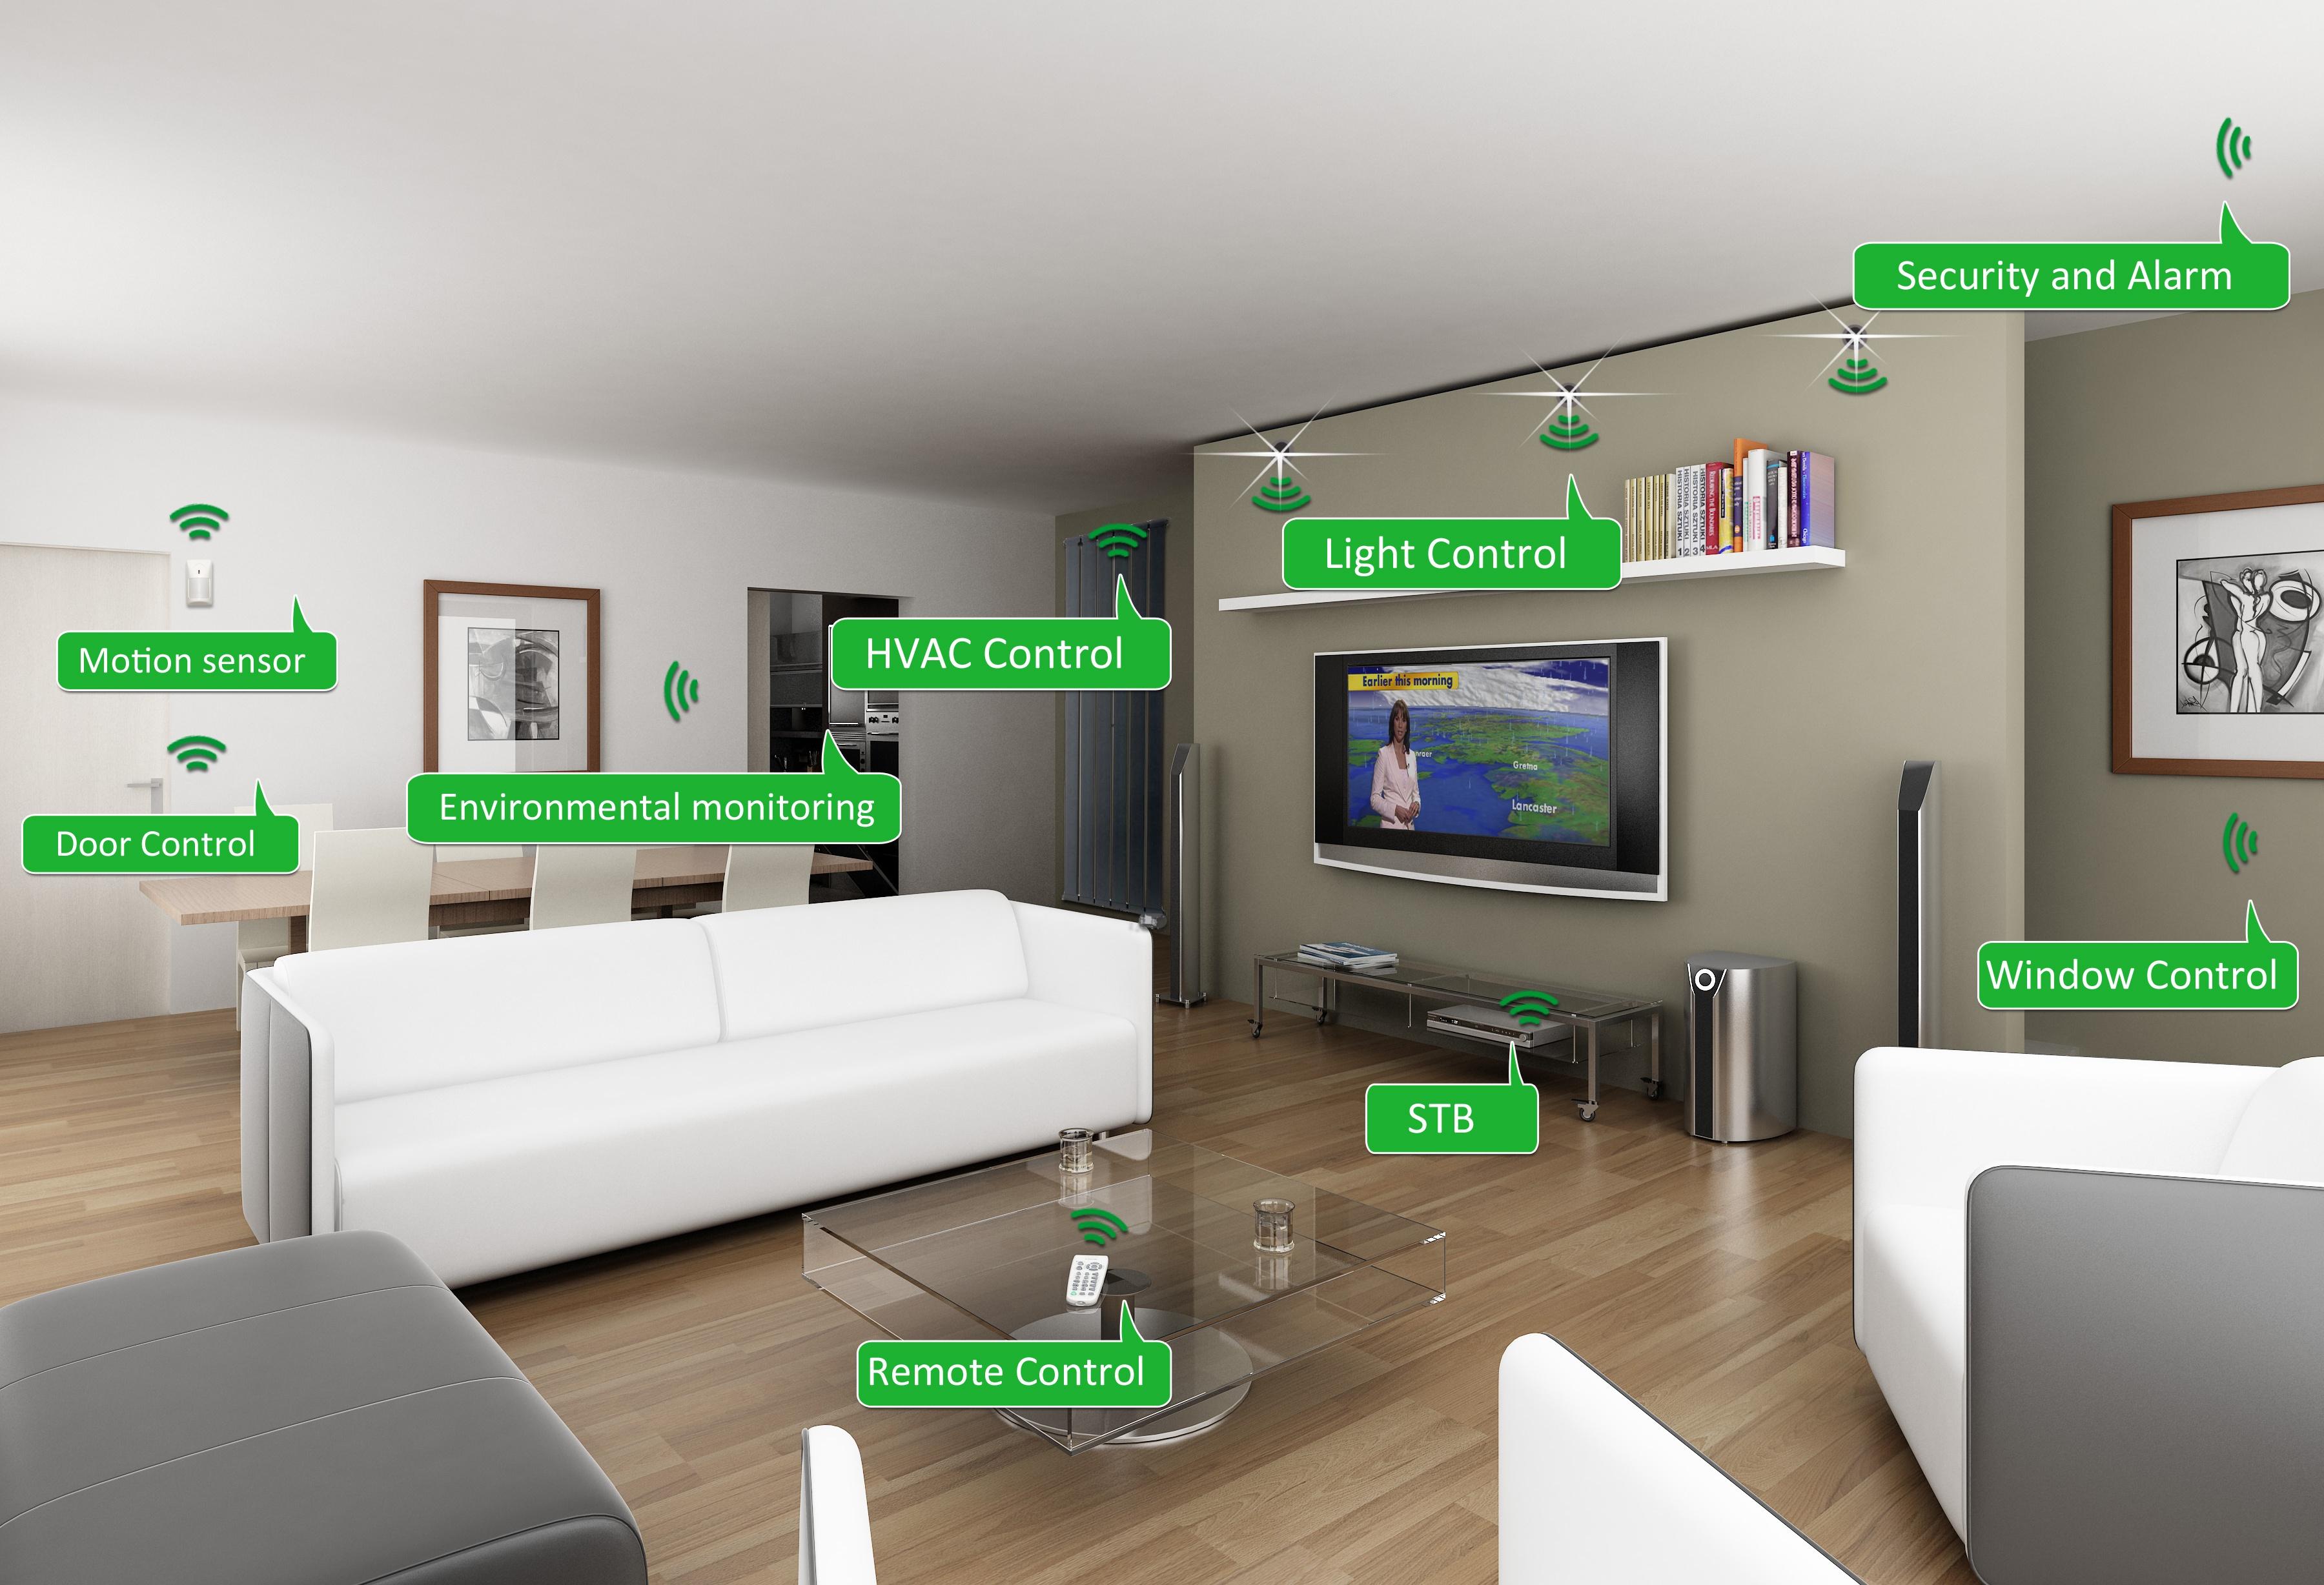 Rivergarden хотхон орчны камерын хяналтын системтэй холбогдсон нь оршин суугчдын аюулгүй байдлыг хангахад тустай технологийн томоохон дэвшил юм. Үүнээс гадна гэрийн автомат системийг Rivergrden хотхоны бүхий л орон сууцнуудад суурилуулж өгсөн. Өөрөөр хэлбэл та гэрийн автомат системийн тусламжтайгаар хөшиг, IP хонх, дижитал цоож, лифтээ удирдах  төдийгүй гэрлийн автоматжуулалтаар дамжуулан өөрийн таалалд нийцүүлэн гэрэл, чийдэнгээ асааж, унтраах боломжтой. Түүнээс гадна таны эзгүйд гэрт тань ус алдах, эсвэл хэн нэгэн орж ирэх үед таны гар утсанд дохиолол очно..jpg